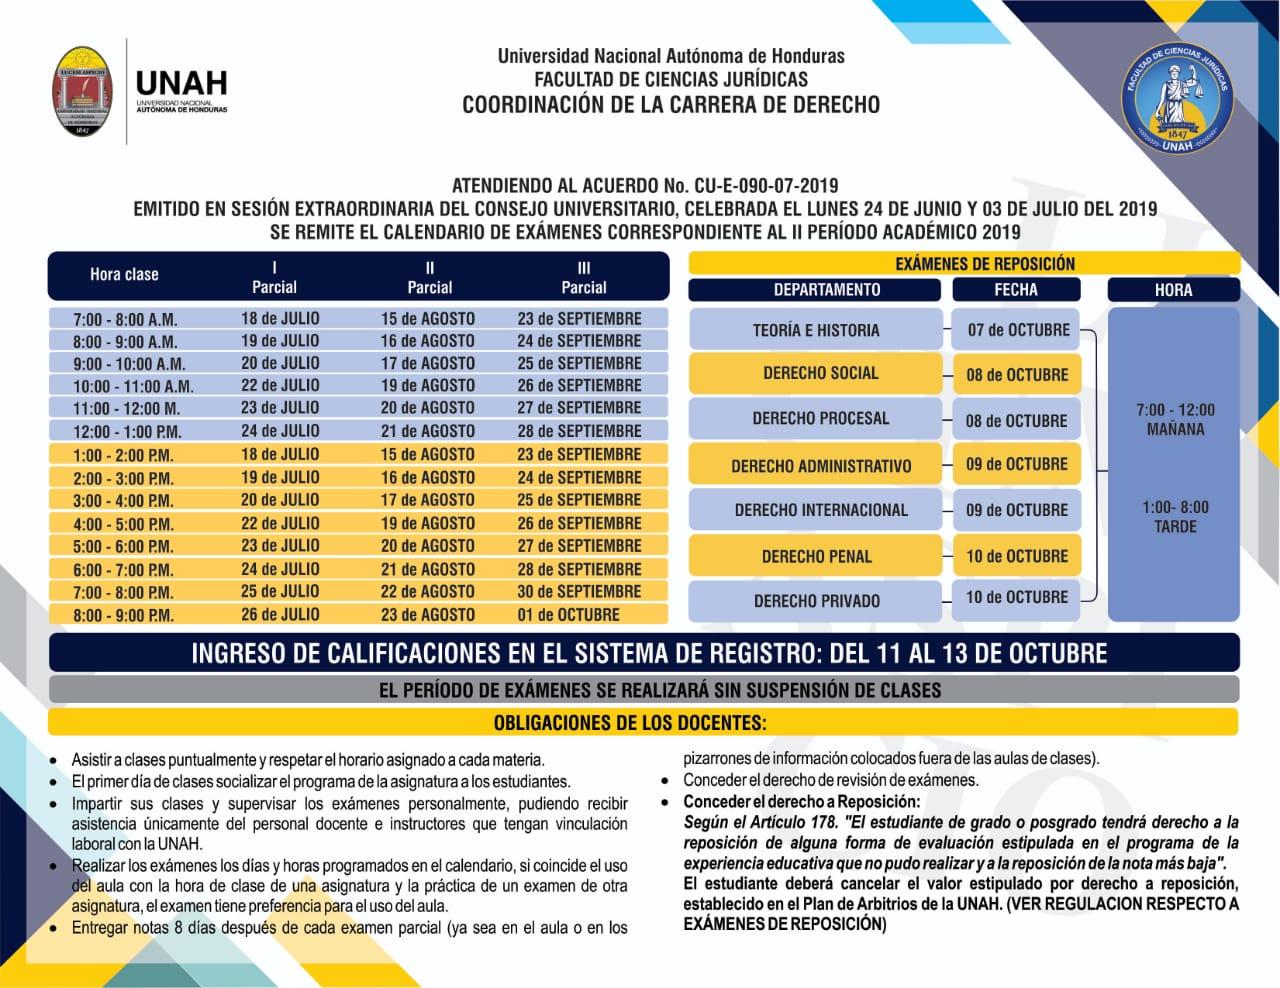 Calendario De Examenes.Calendario De Examenes Facultad De Ciencias Juridicas